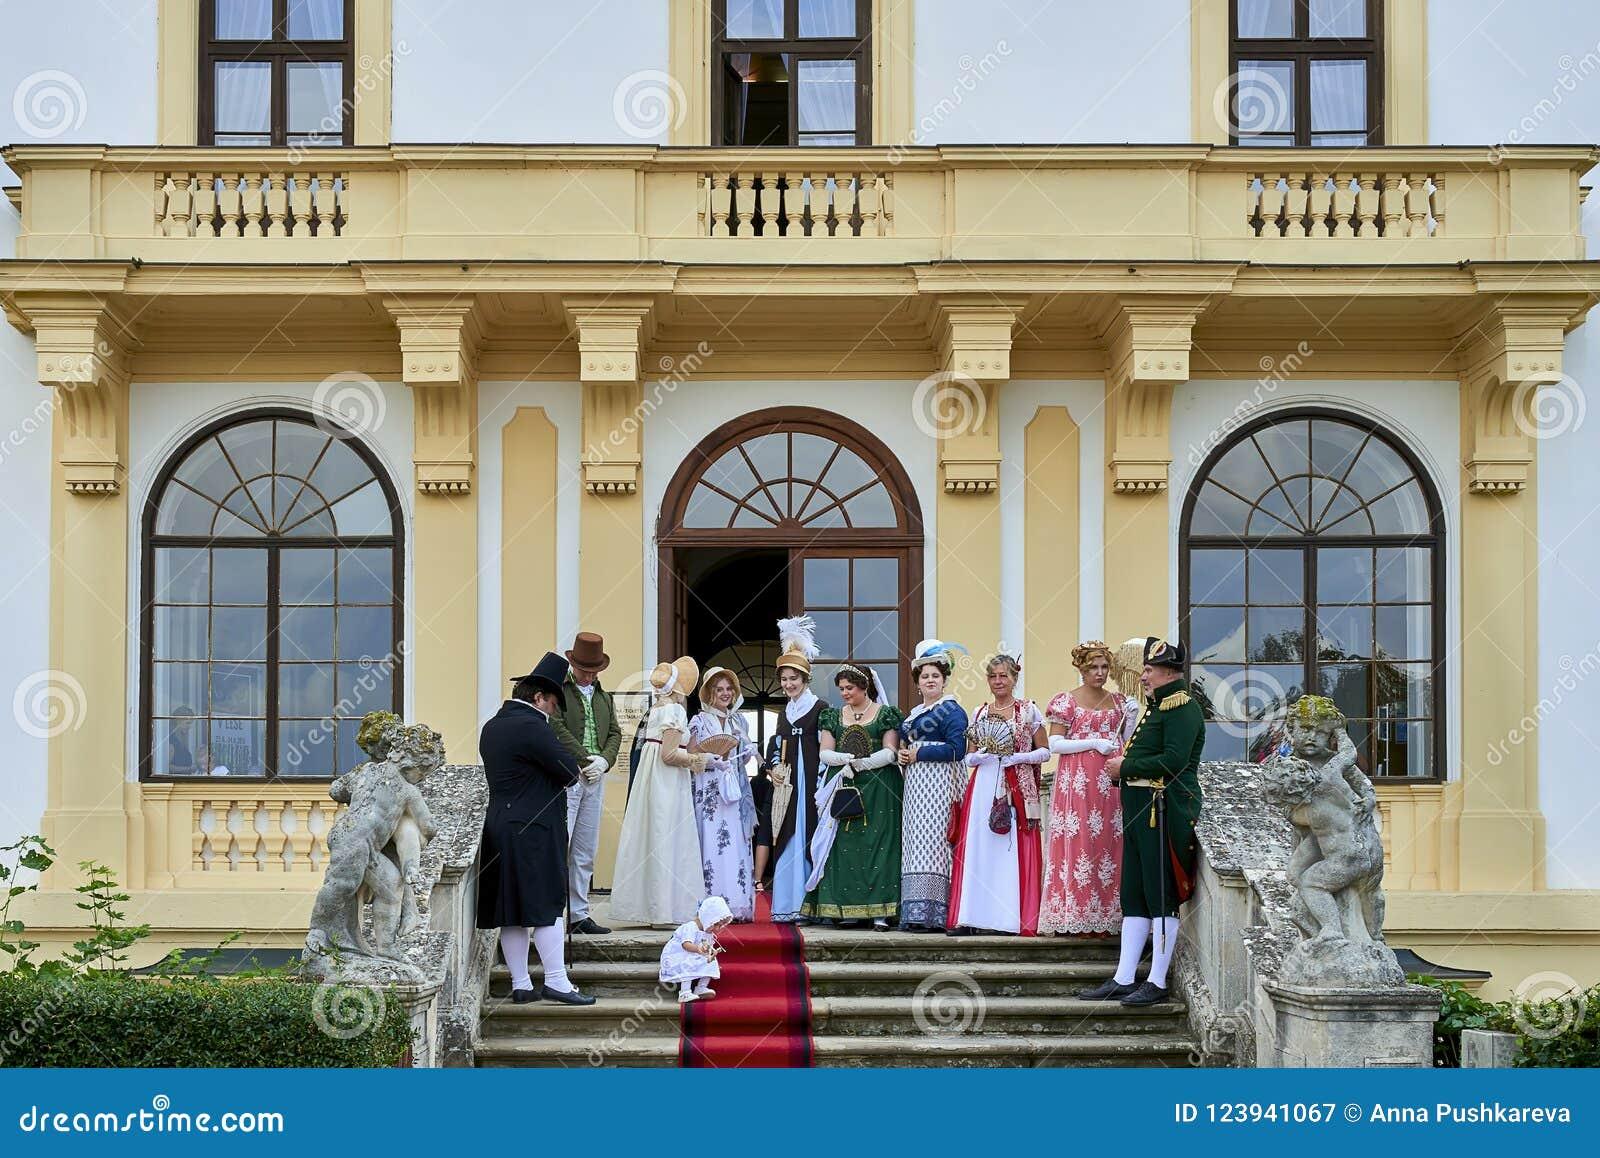 Slavkov-Austerlitz het kasteel historische weer invoeren De dames en de heren in historische kostuums ontmoeten Napoleon Bonapart